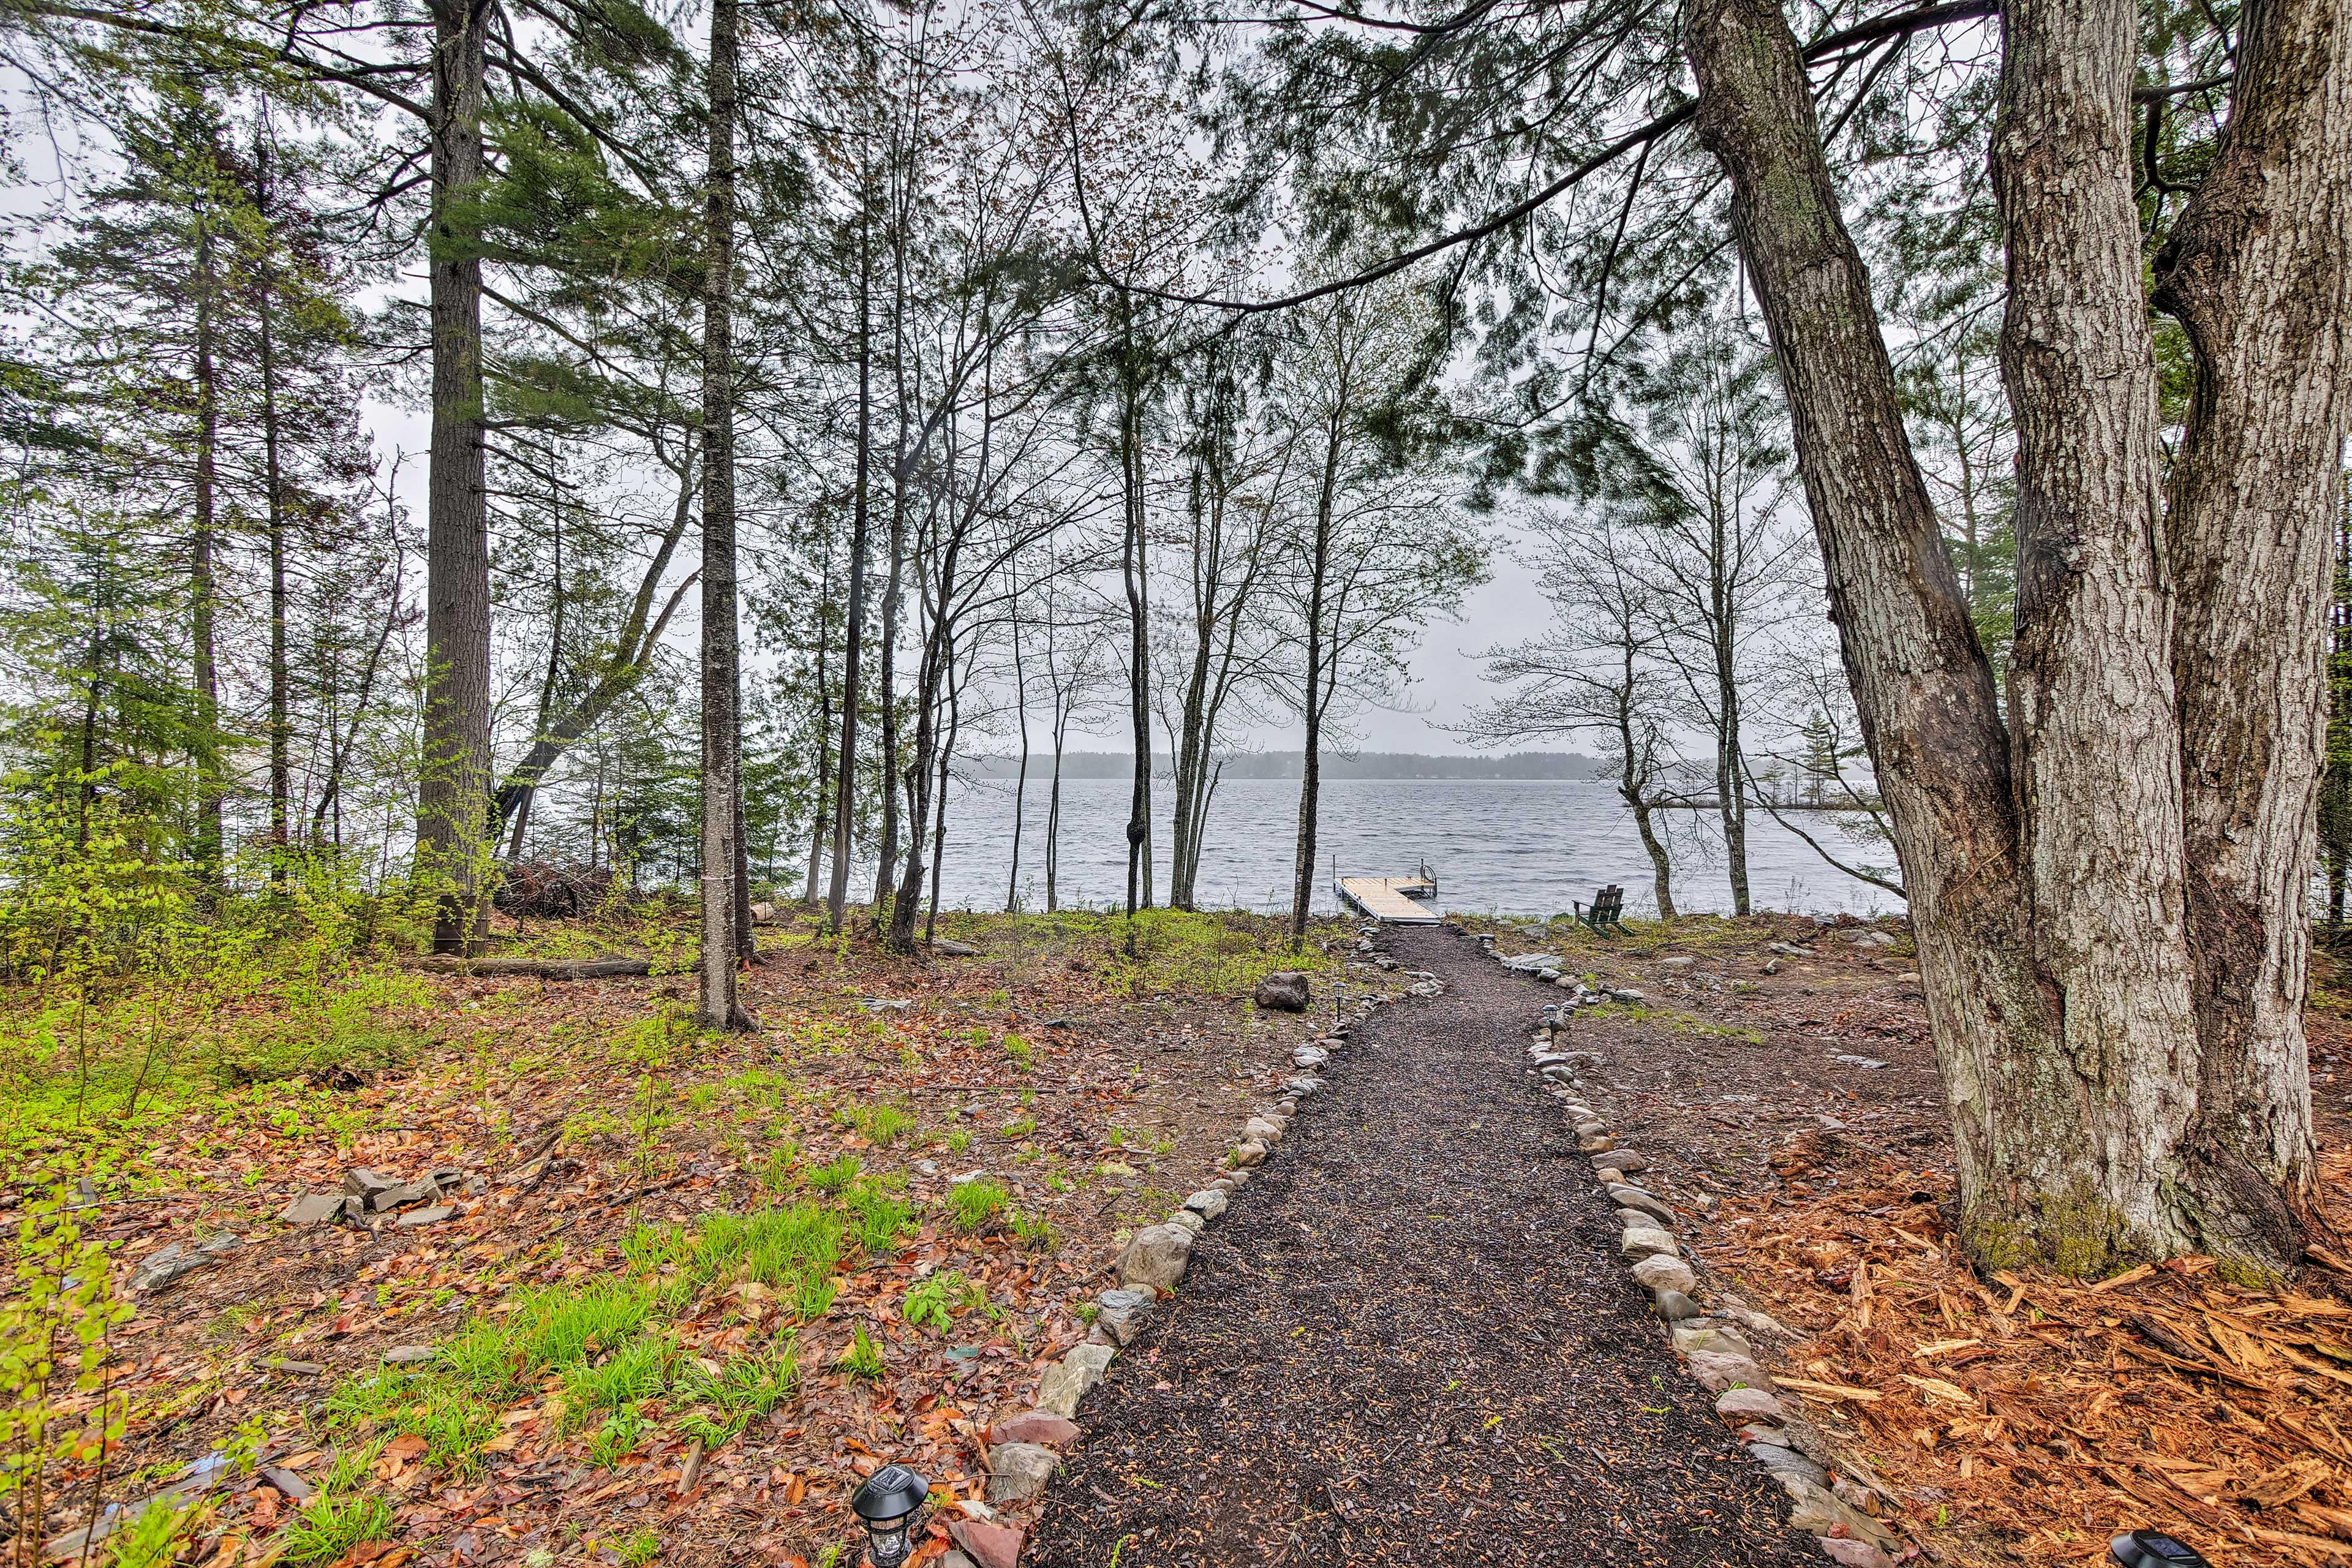 Take a quick walk down to the lake.